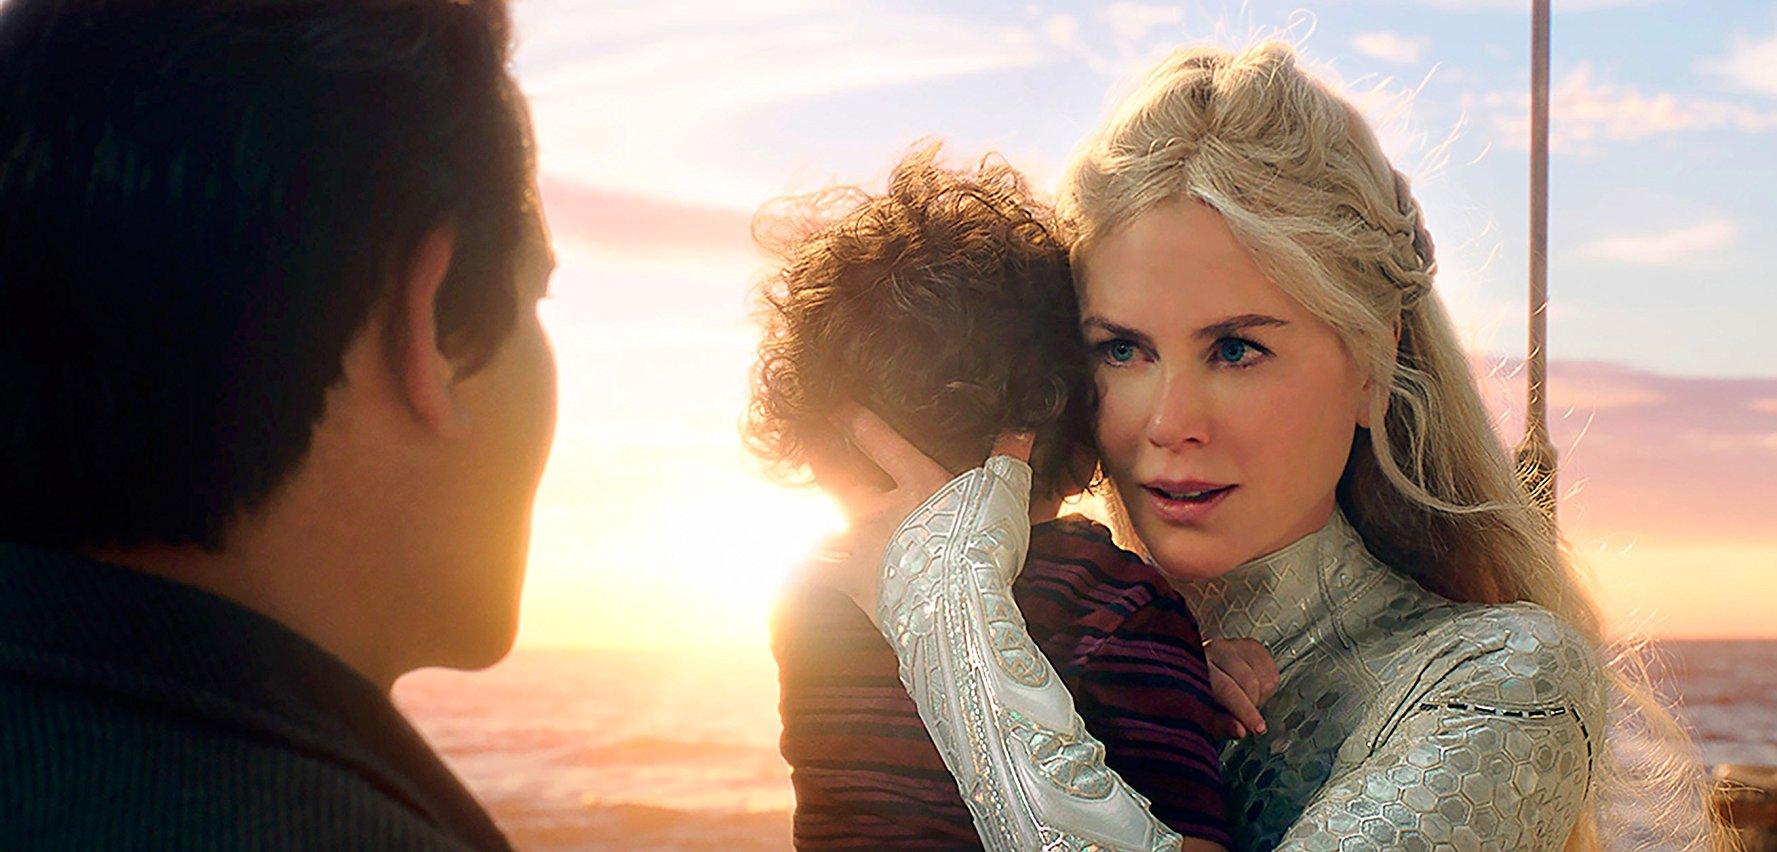 《 水行俠 》電影劇照, 妮可基嫚 在片中飾演 亞特蘭提斯 的前任女王, 水行俠 亞瑟柯瑞 的母親。